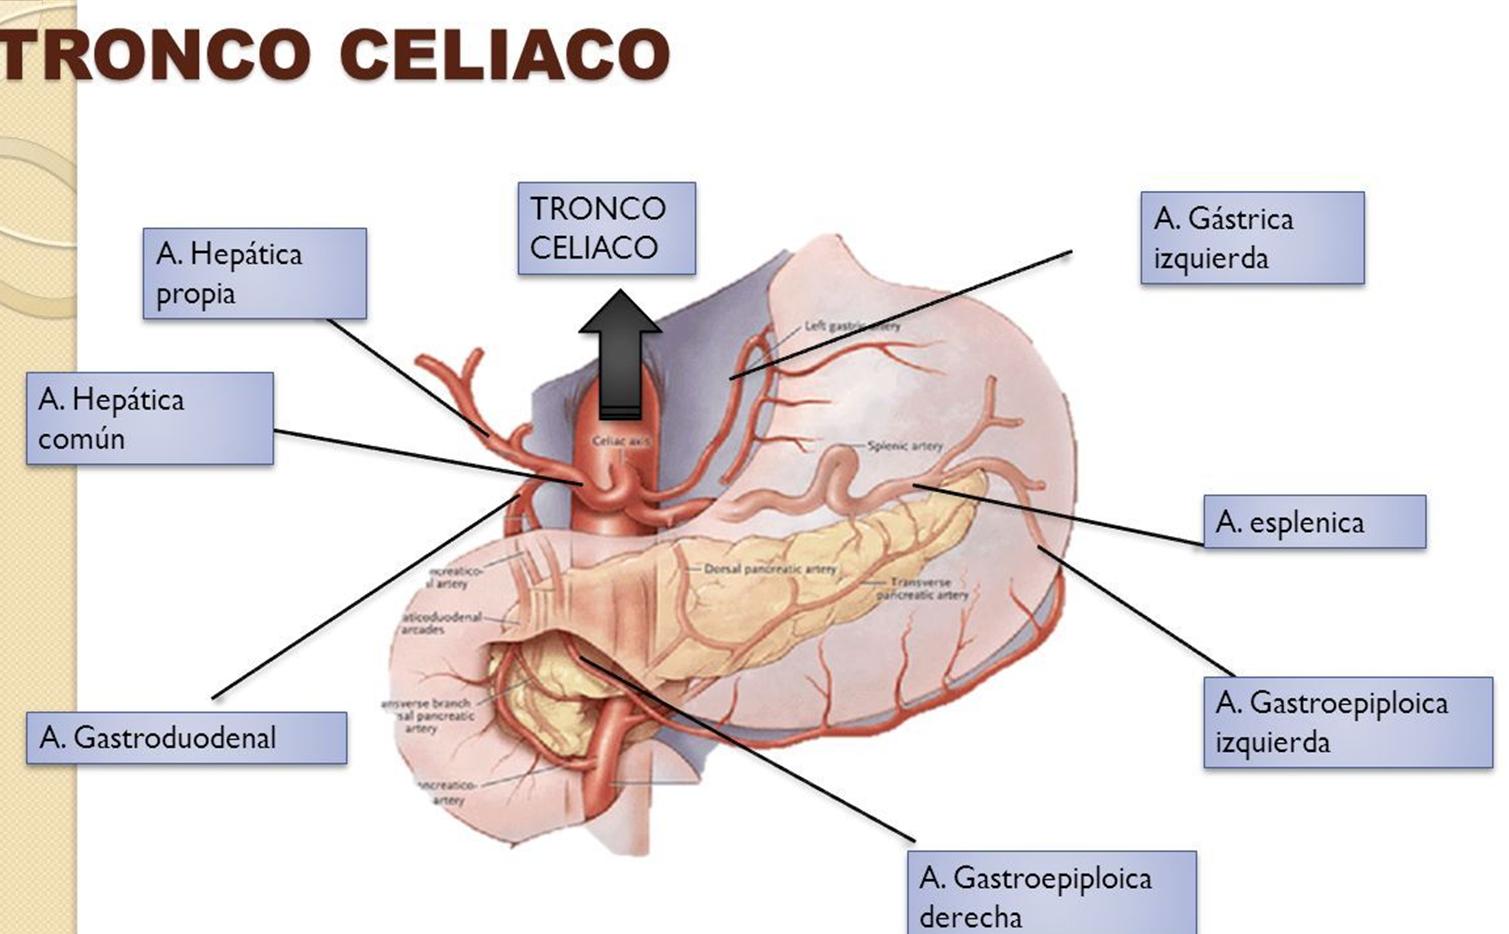 Dorable Anatomía Vascular Hepática Regalo - Imágenes de Anatomía ...